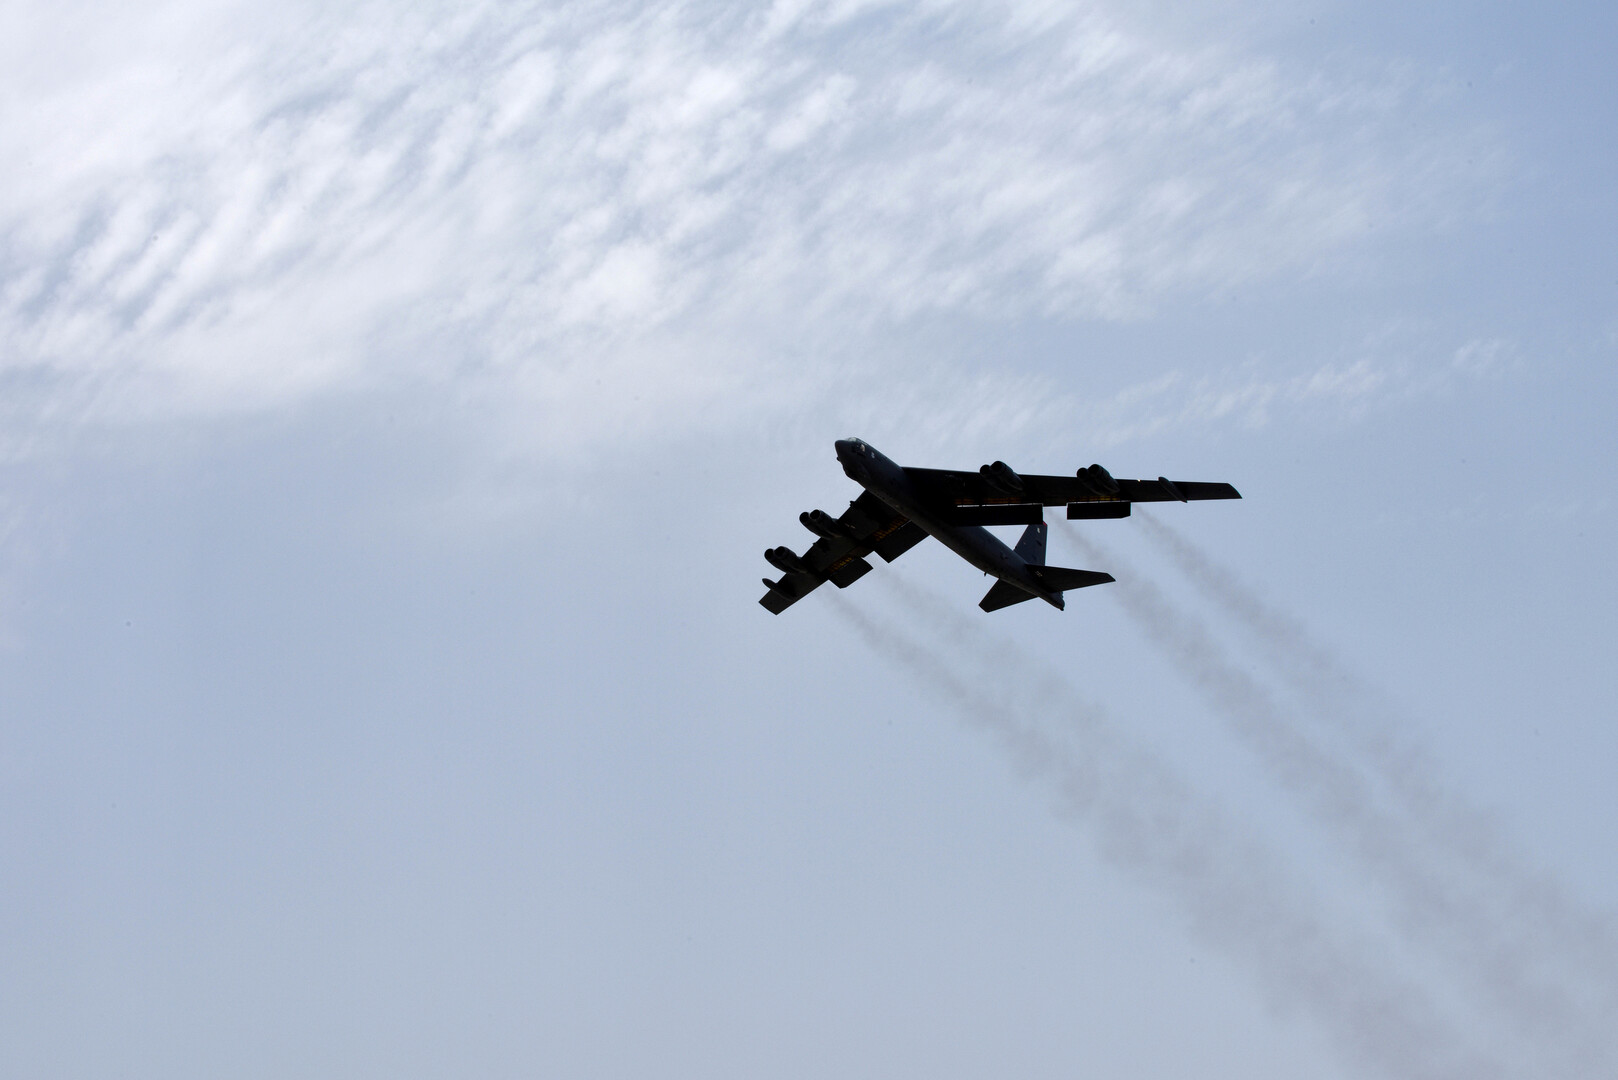 البنتاغون والتدريب على قصف القرم بالقاذفات الاستراتيجية